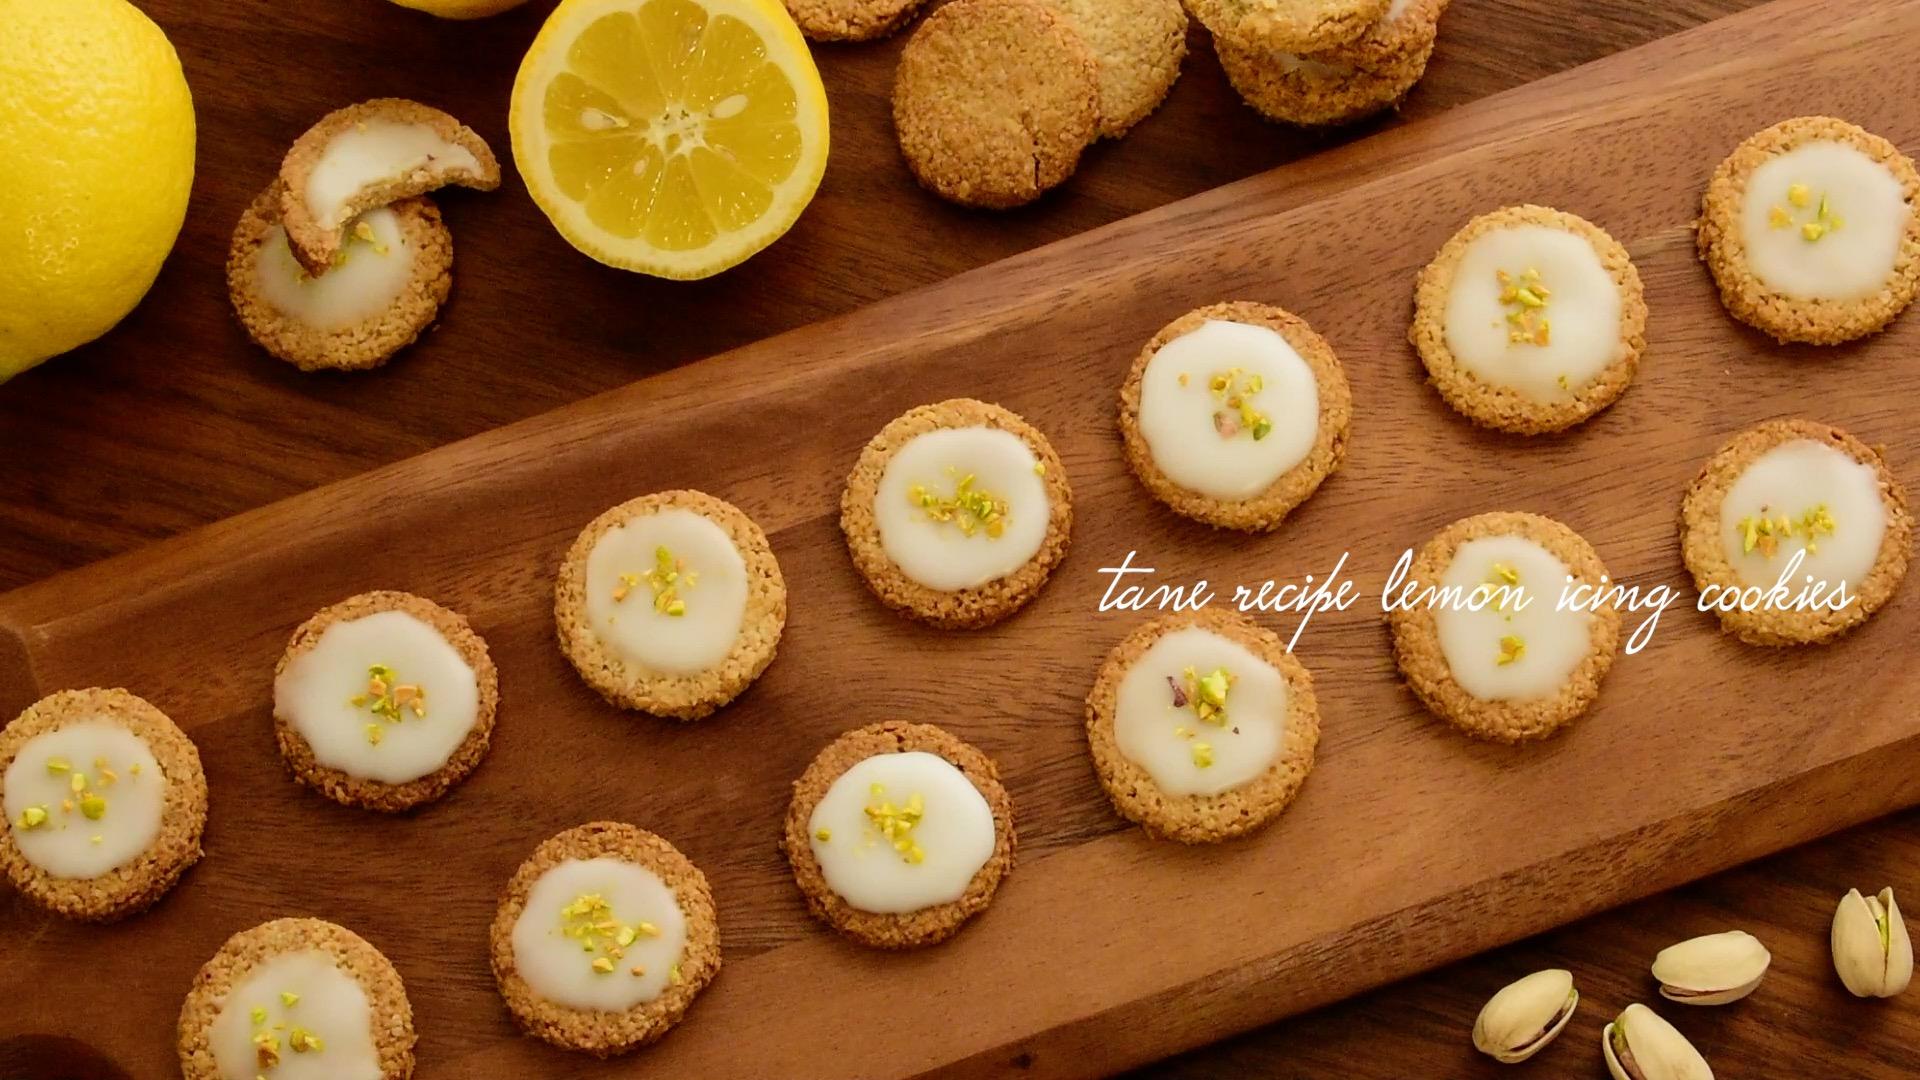 【オートミール】レモンのアイシングクッキー【小麦粉・卵・乳製品不使用】